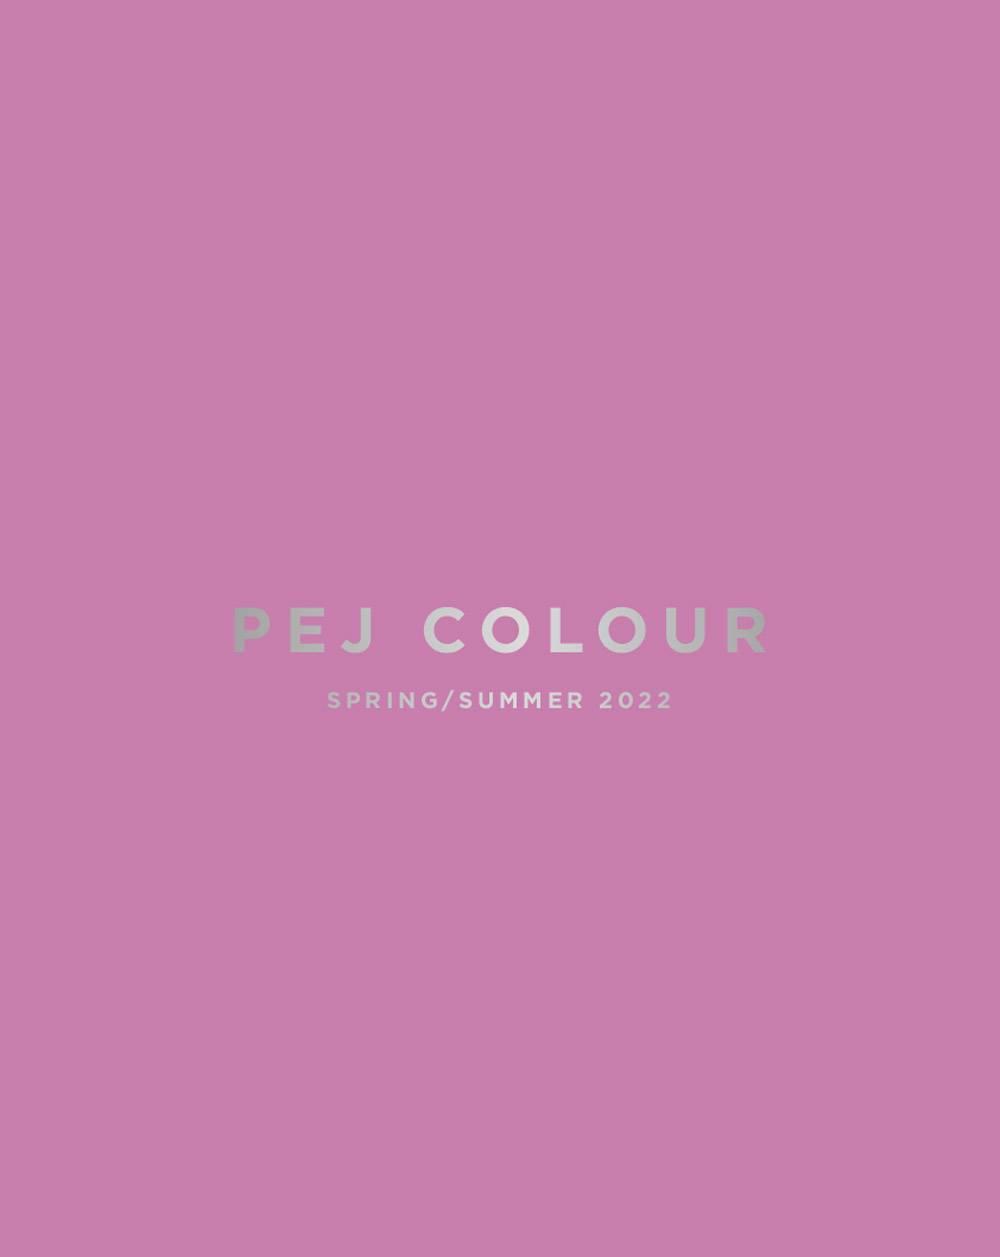 pej colour SS 22